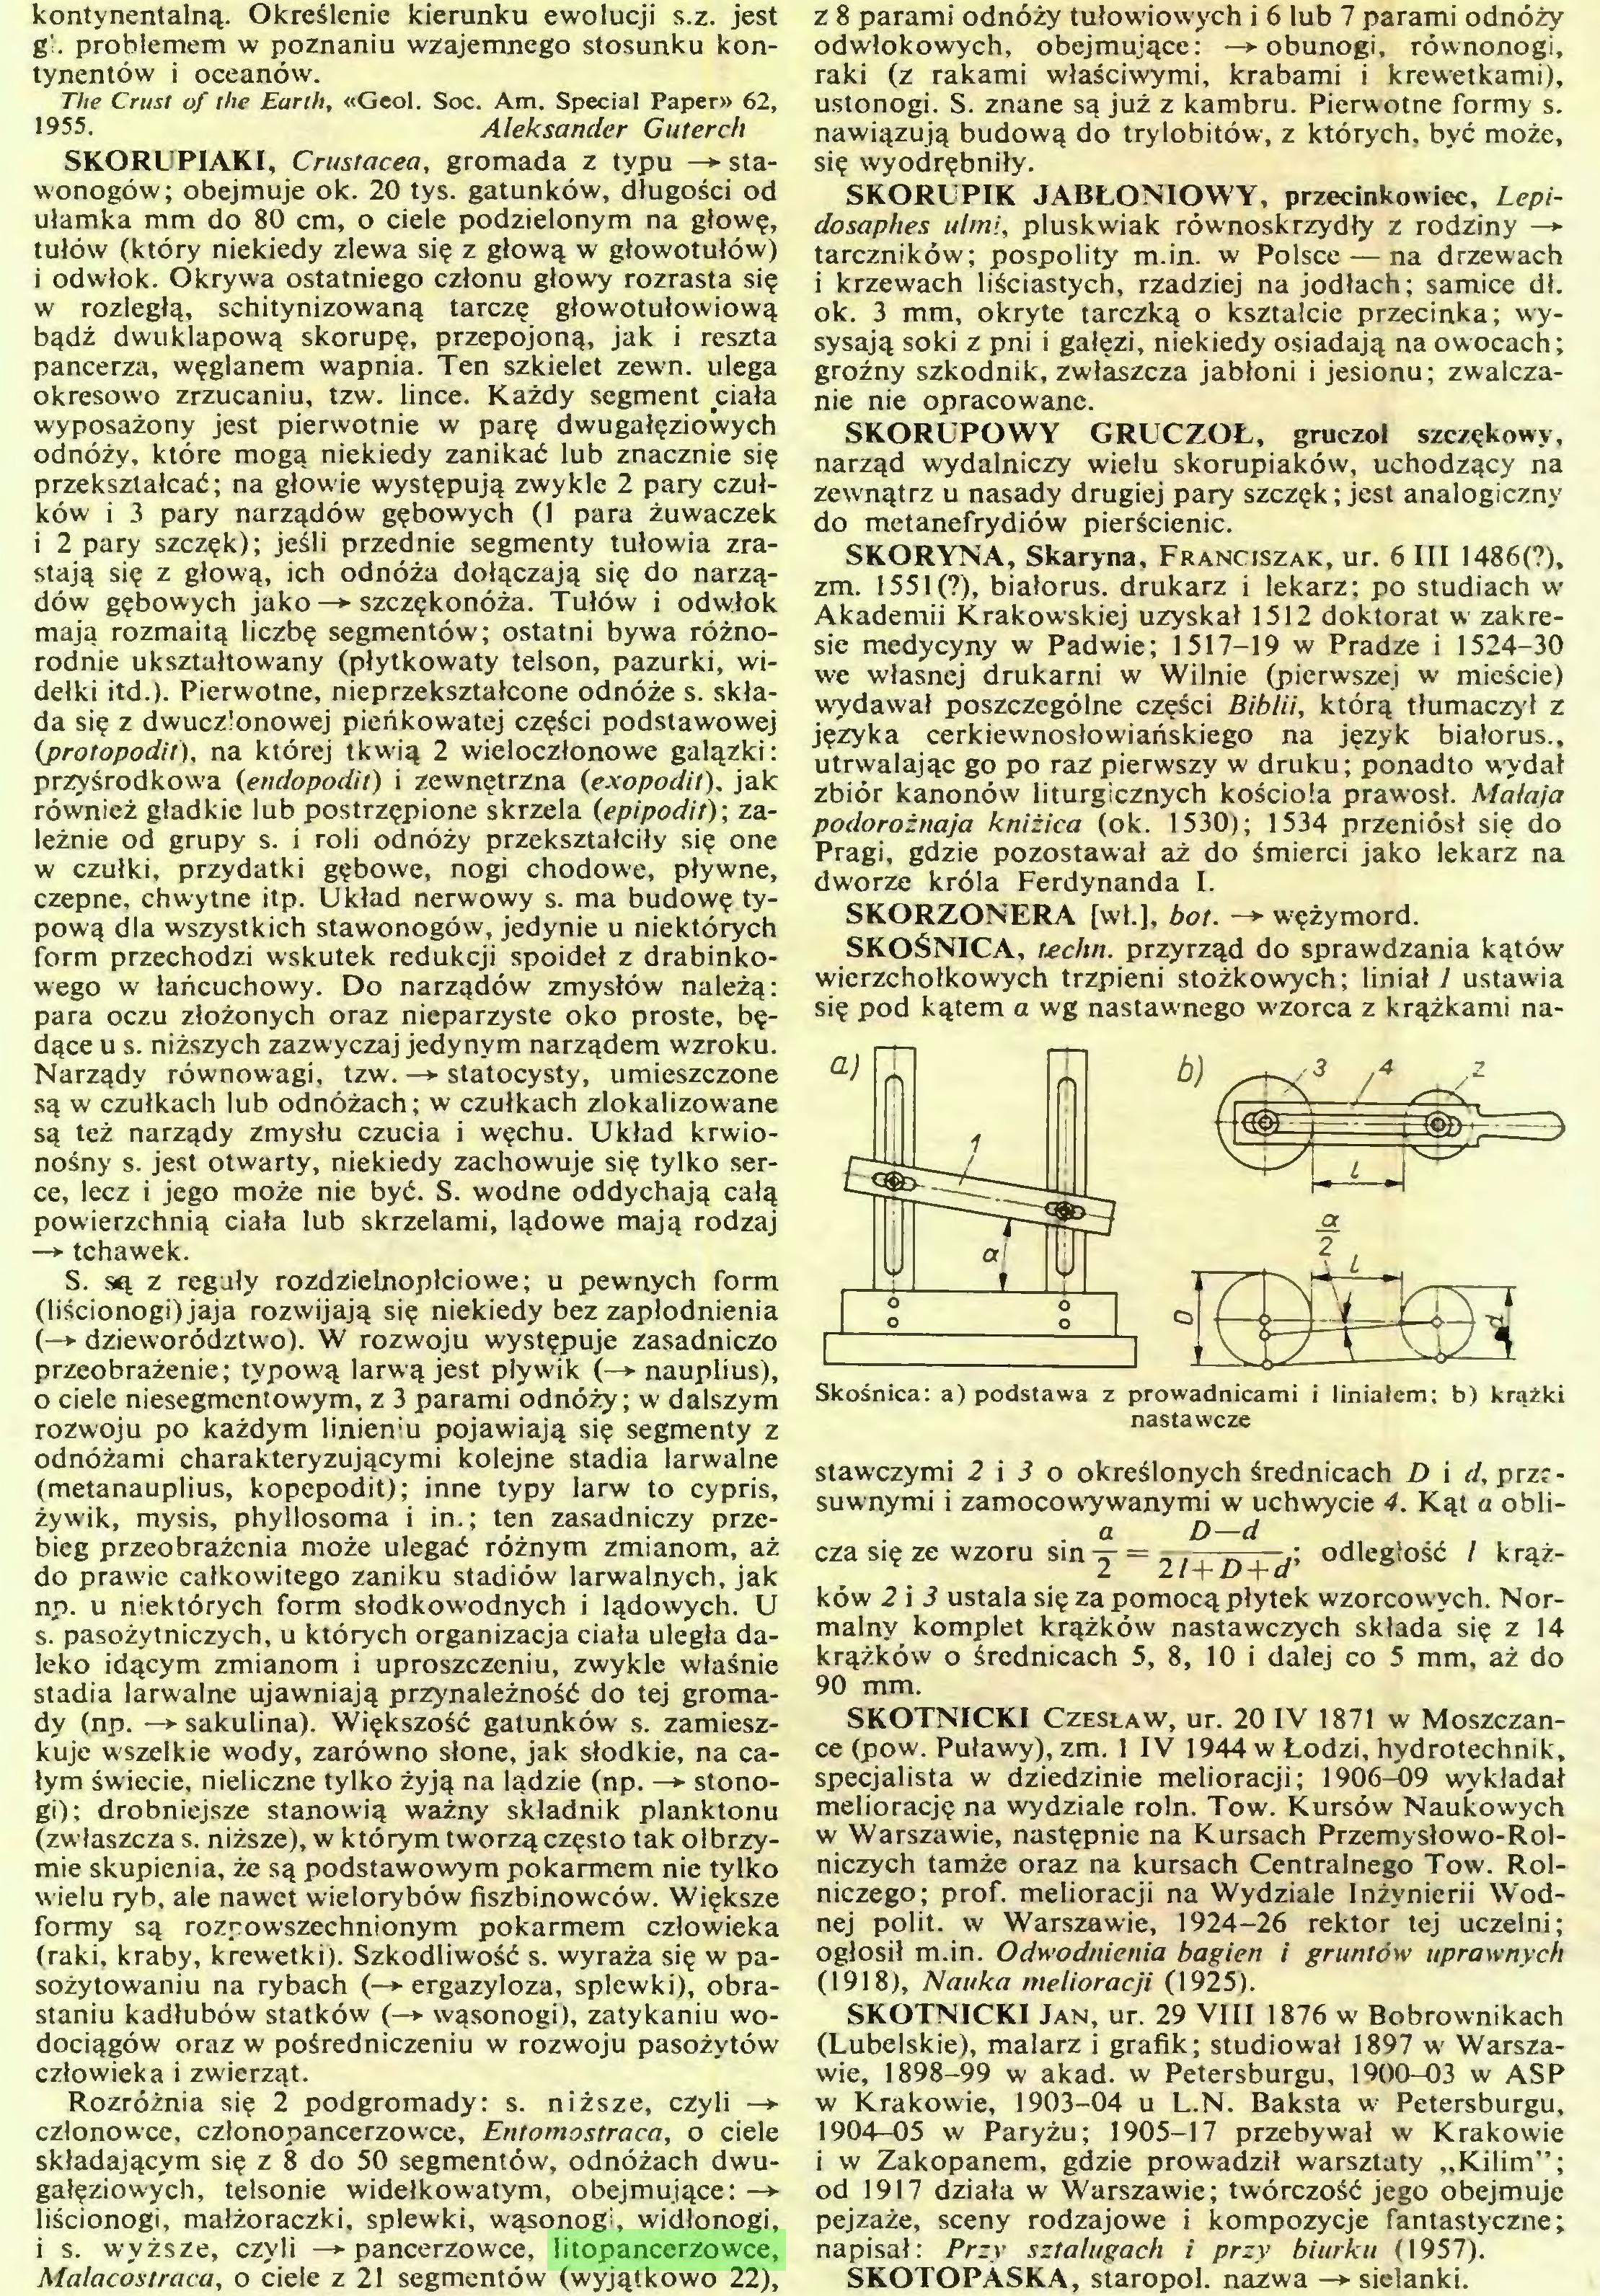 (...) Rozróżnia się 2 podgromady: s. niższe, czyli —► członowce, członopancerzowce, Entomostraca, o ciele składającym się z 8 do 50 segmentów, odnóżach dwugałęziowych, telsonie widełkowatym, obejmujące: —> liścionogi, małżoraczki, śpiewki, wąsonogi, widłonogi, 1 s. wyższe, czyli —► pancerzowce, litopancerzowce, Malacostraca, o ciele z 21 segmentów (wyjątkowo 22), z 8 parami odnóży tułowiowych i 6 lub 7 parami odnóży odwłokowych, obejmujące: —*■ obunogi, równonogi, raki (z rakami właściwymi, krabami i krewetkami), ustonogi. S. znane są już z kambru. Pierwotne formy s...